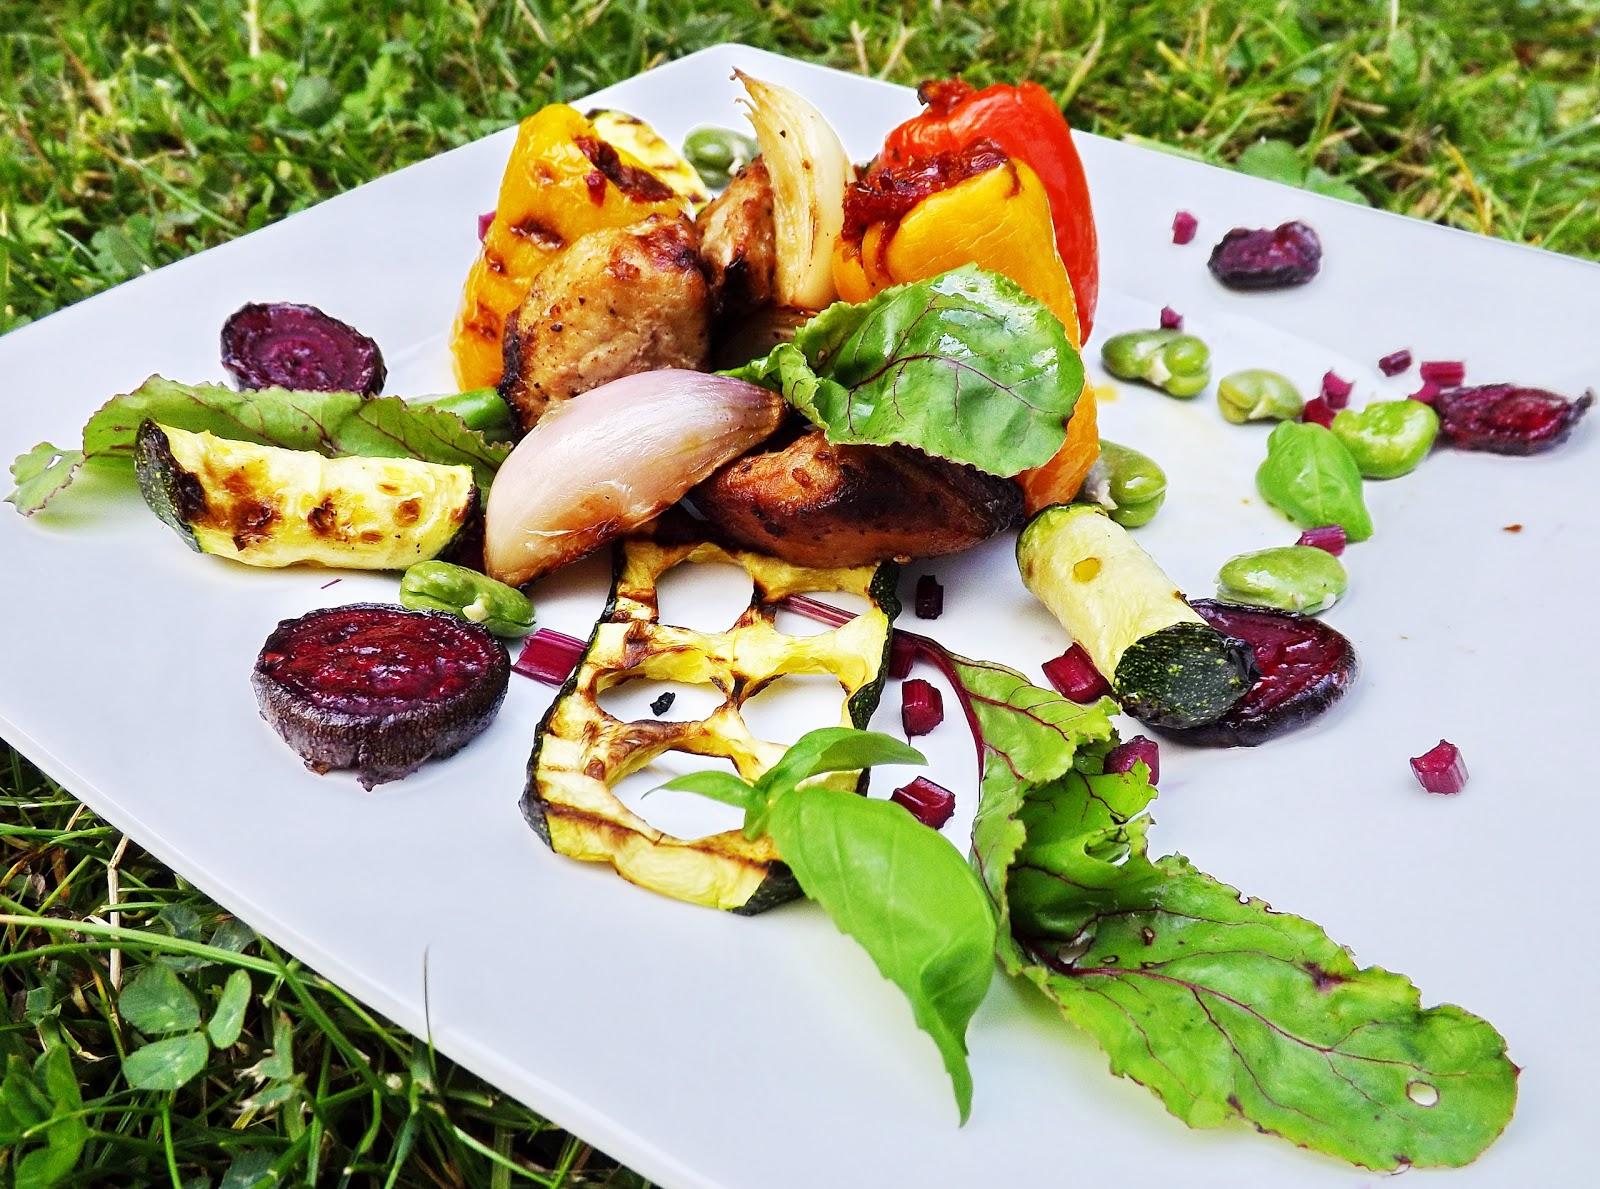 Grillowana wieprzowina z nadziewanymi papryczkami, cukinią, bobem i chipsami z buraka